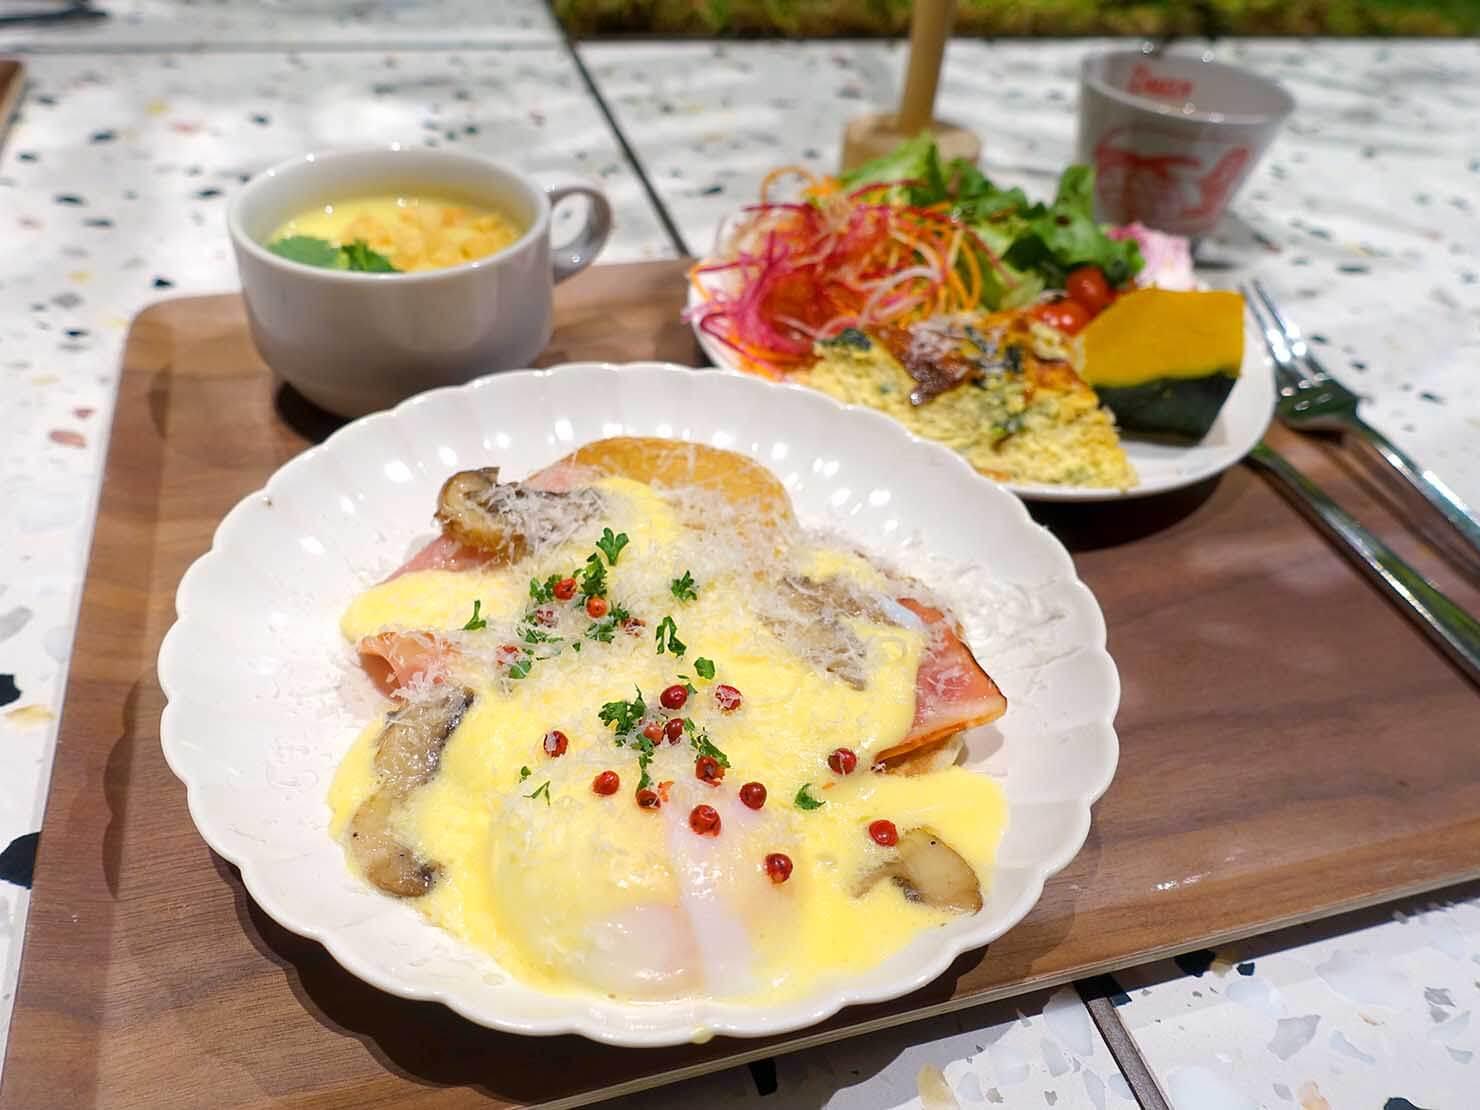 福岡・中洲川端にあるおしゃれなおすすめホテル「THE LIVELY」のレストラン・THE LIVELY KITCHENのビュッフェ式朝ごはん